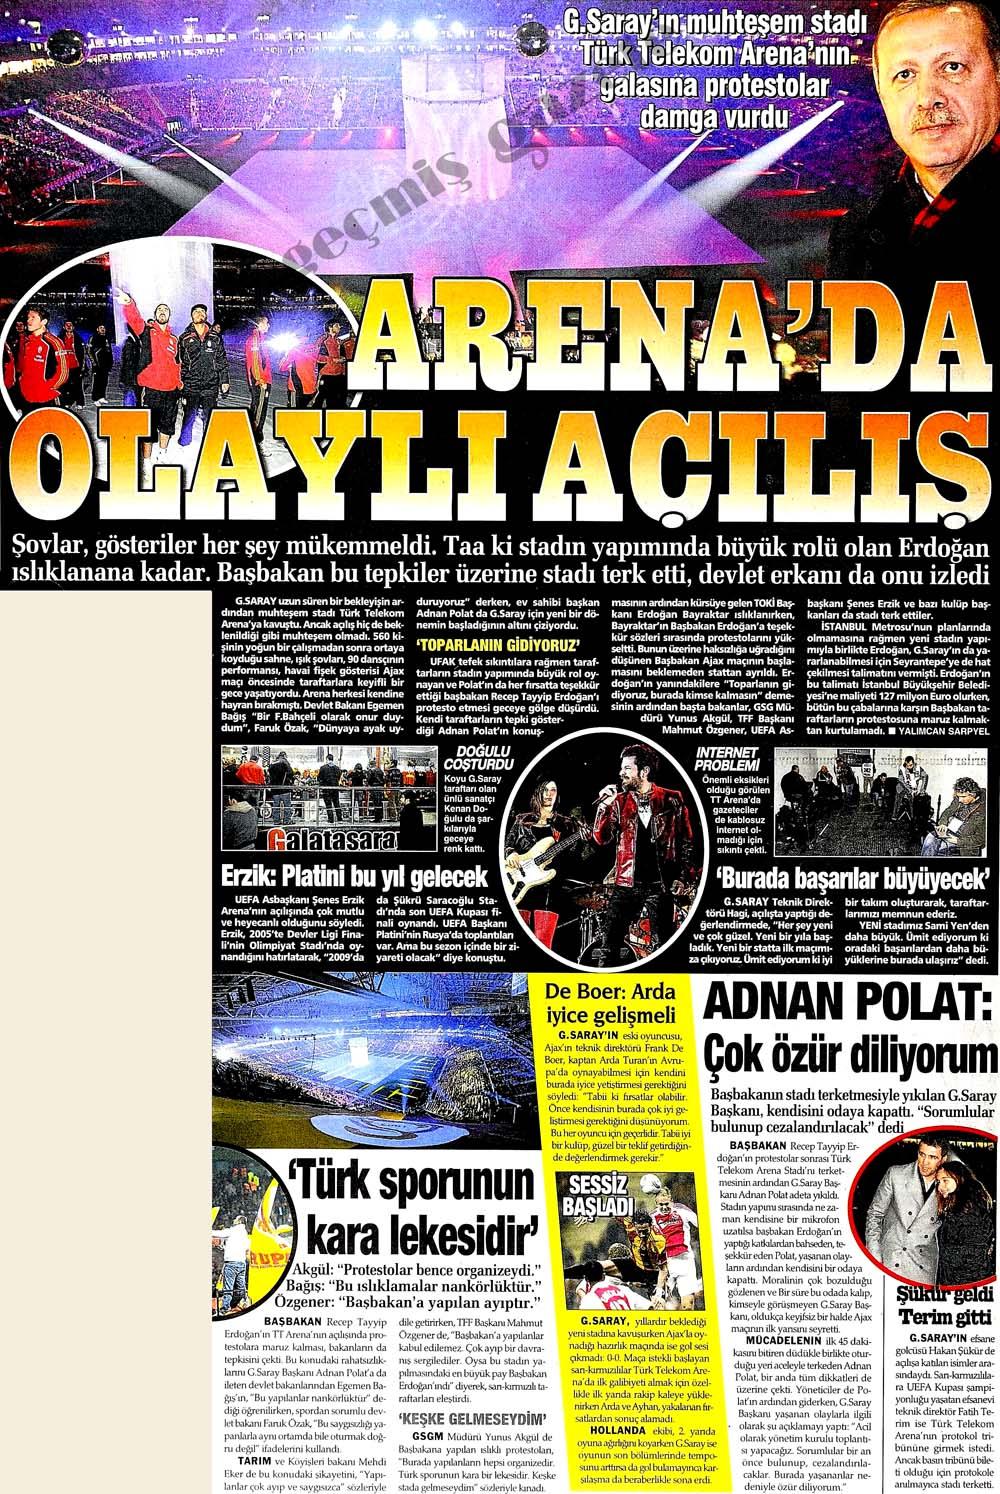 Arena'da olaylı açılış